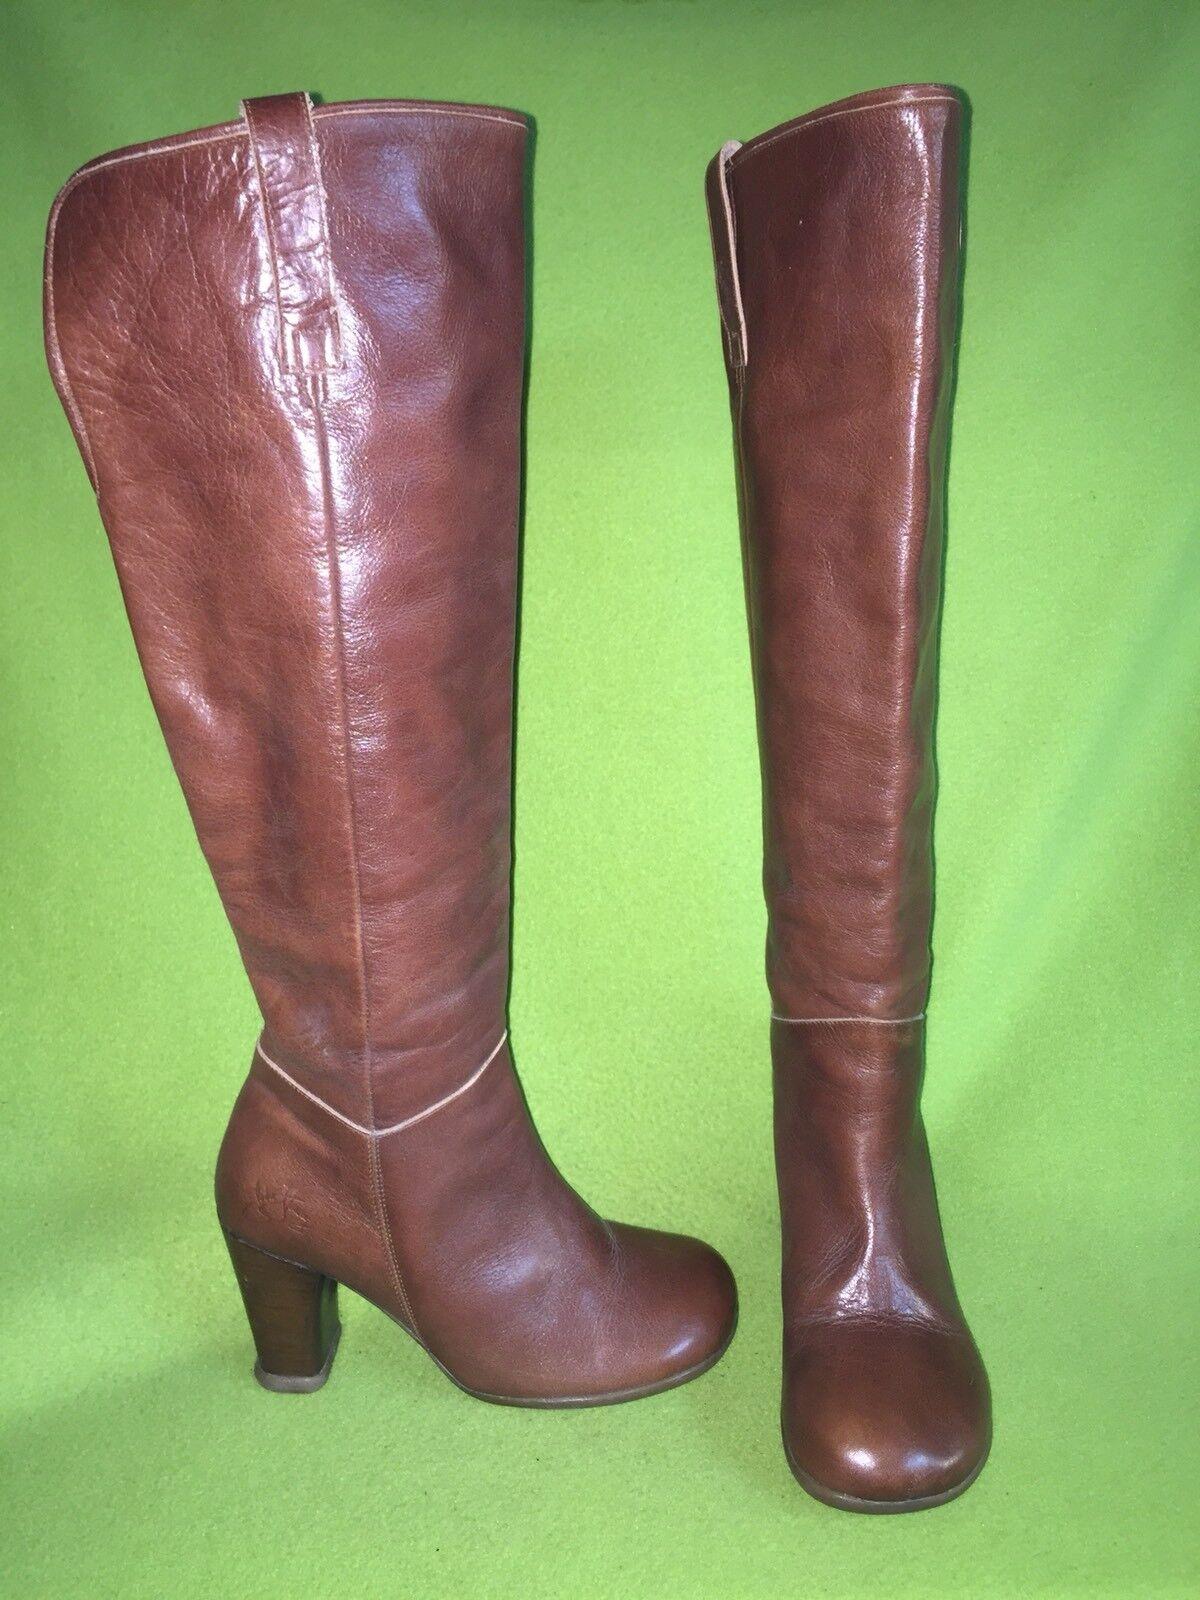 Man/Woman Brown Fluevog Operetta Boots 9 High-quality Quality First best seller